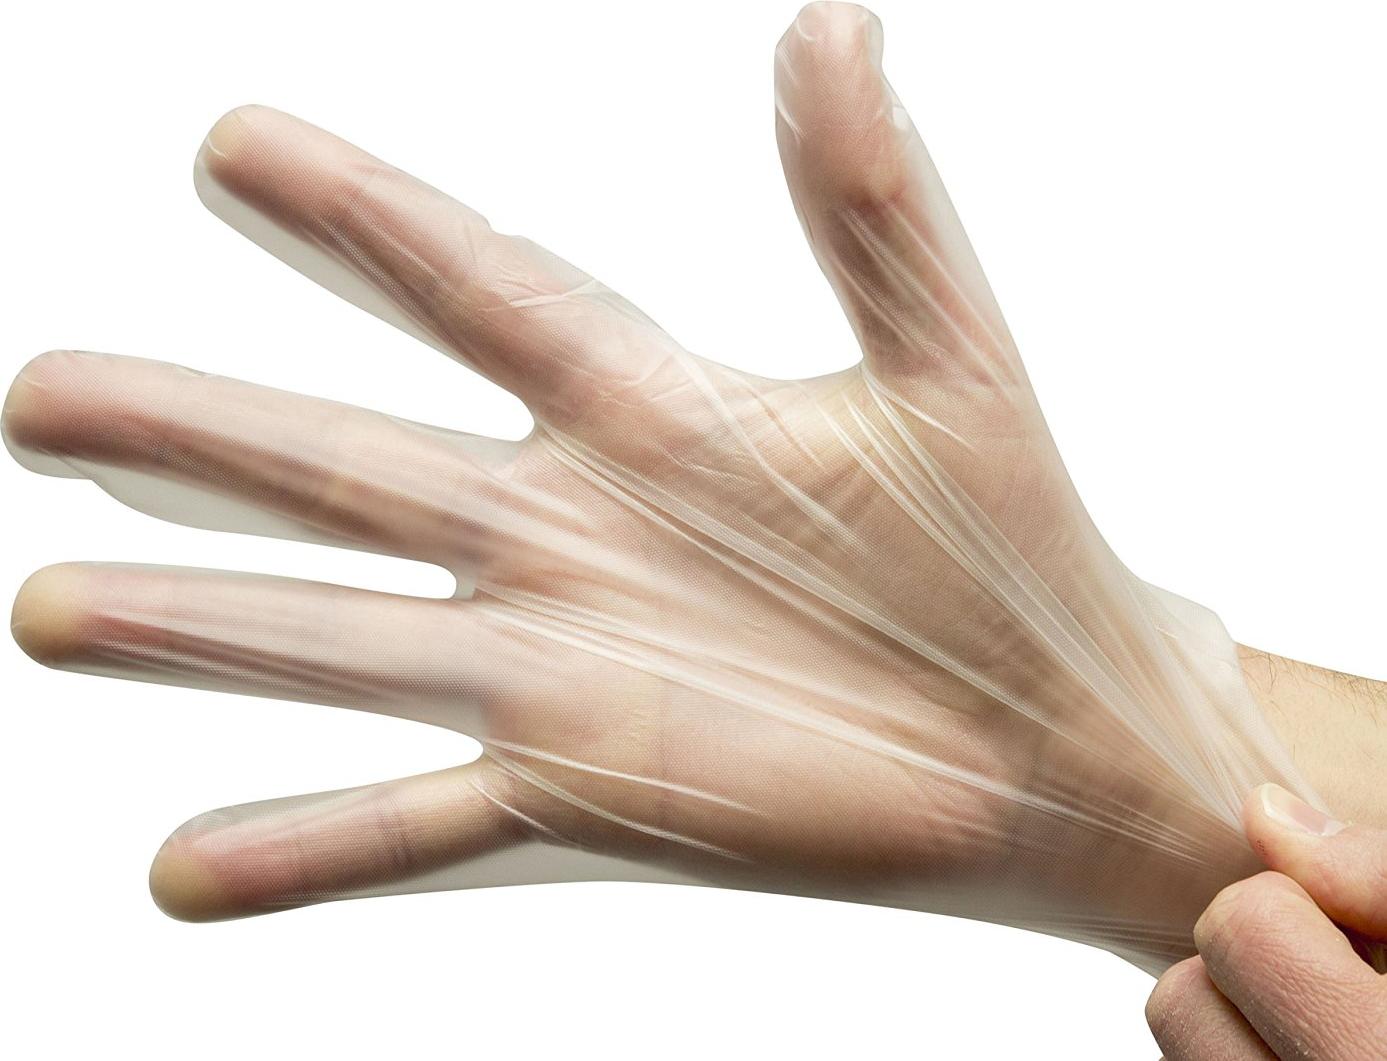 Love the glove